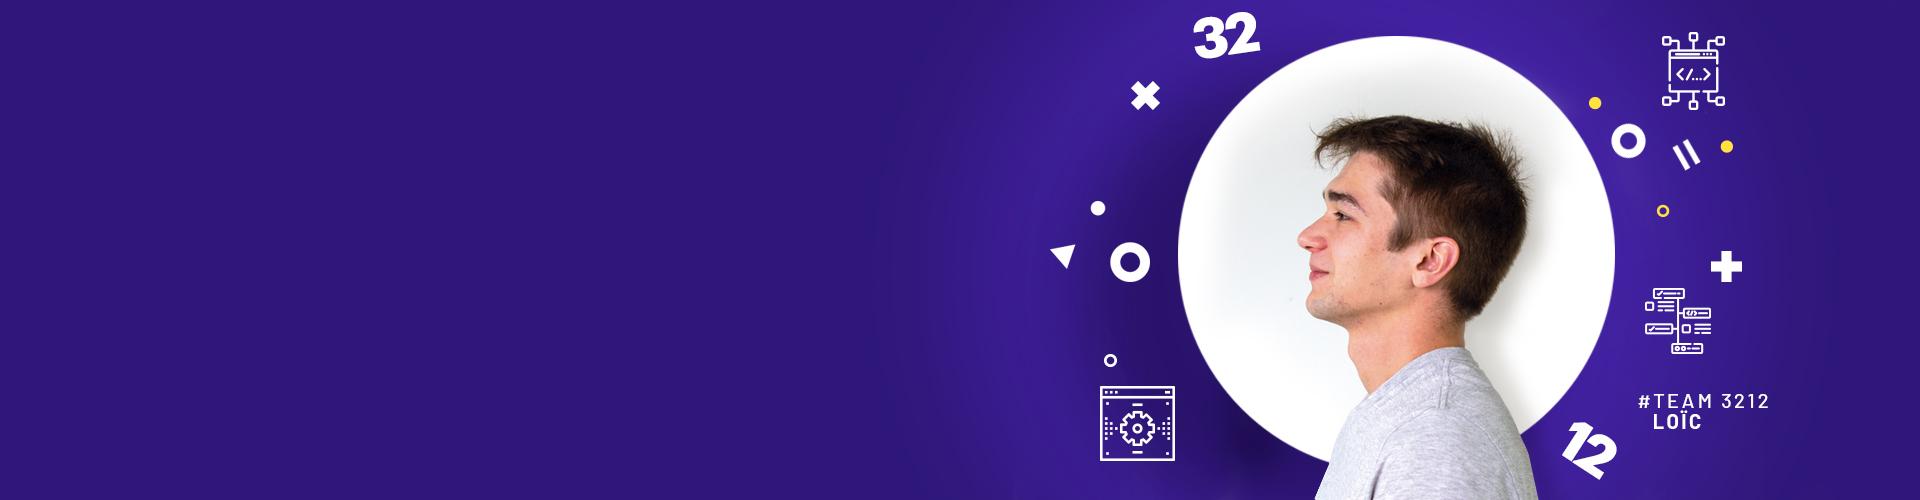 Loic - Développeur web